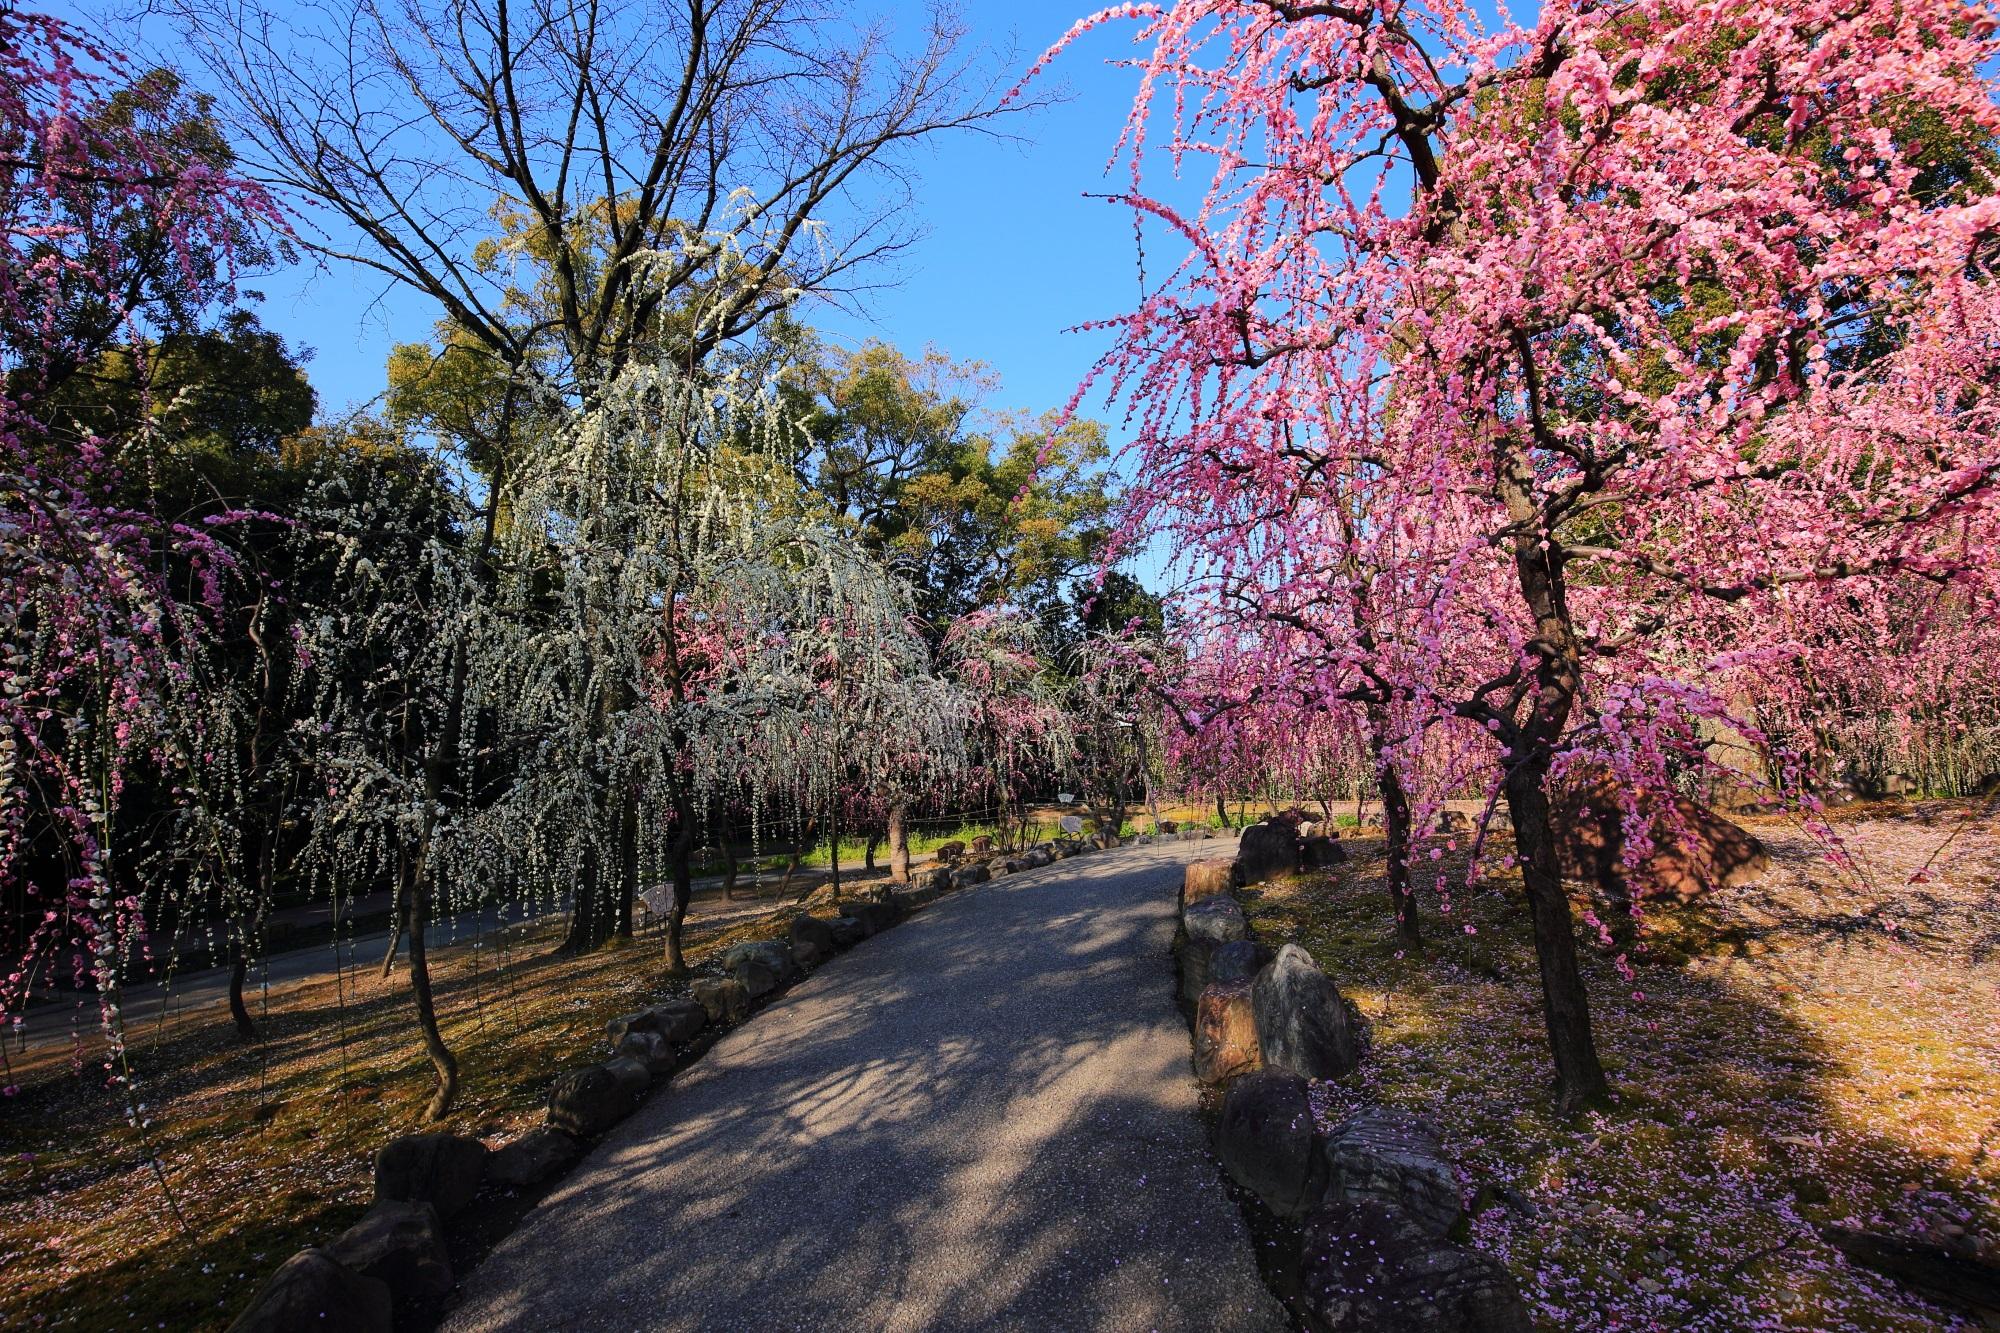 京都屈指のしだれ梅の名所の城南宮神苑の春の山